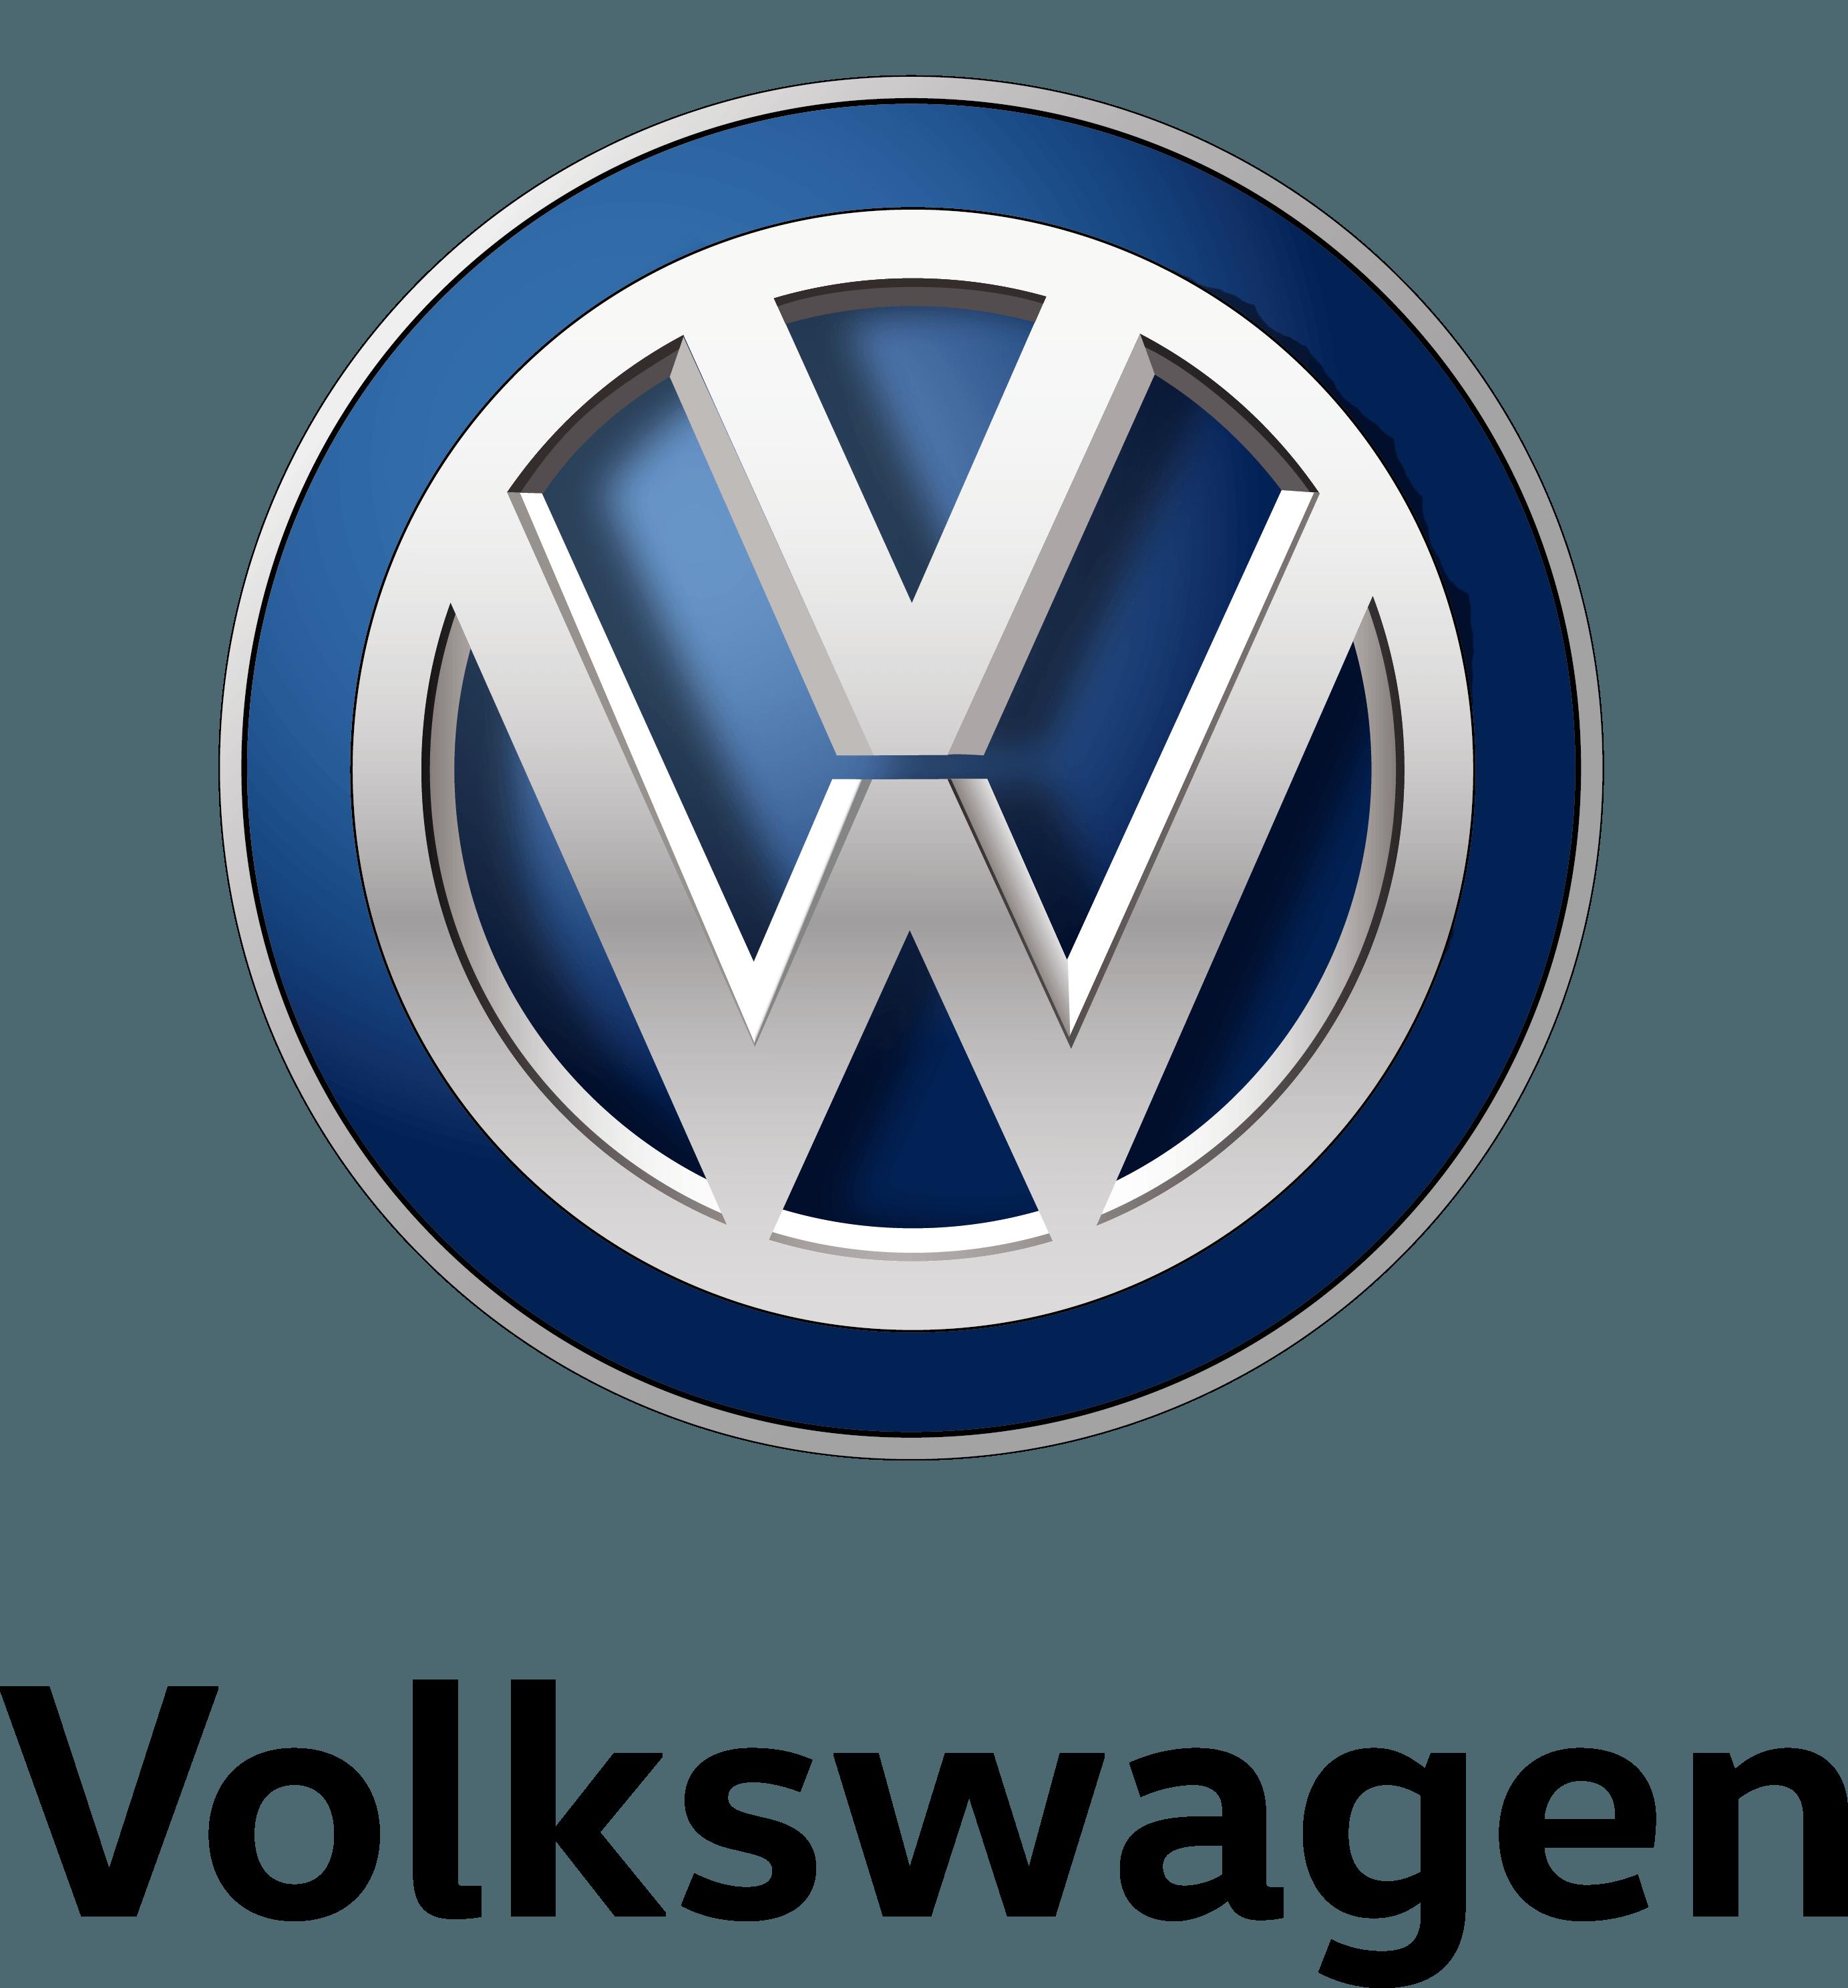 VW Logo [Volkswagen] Vector Free Download